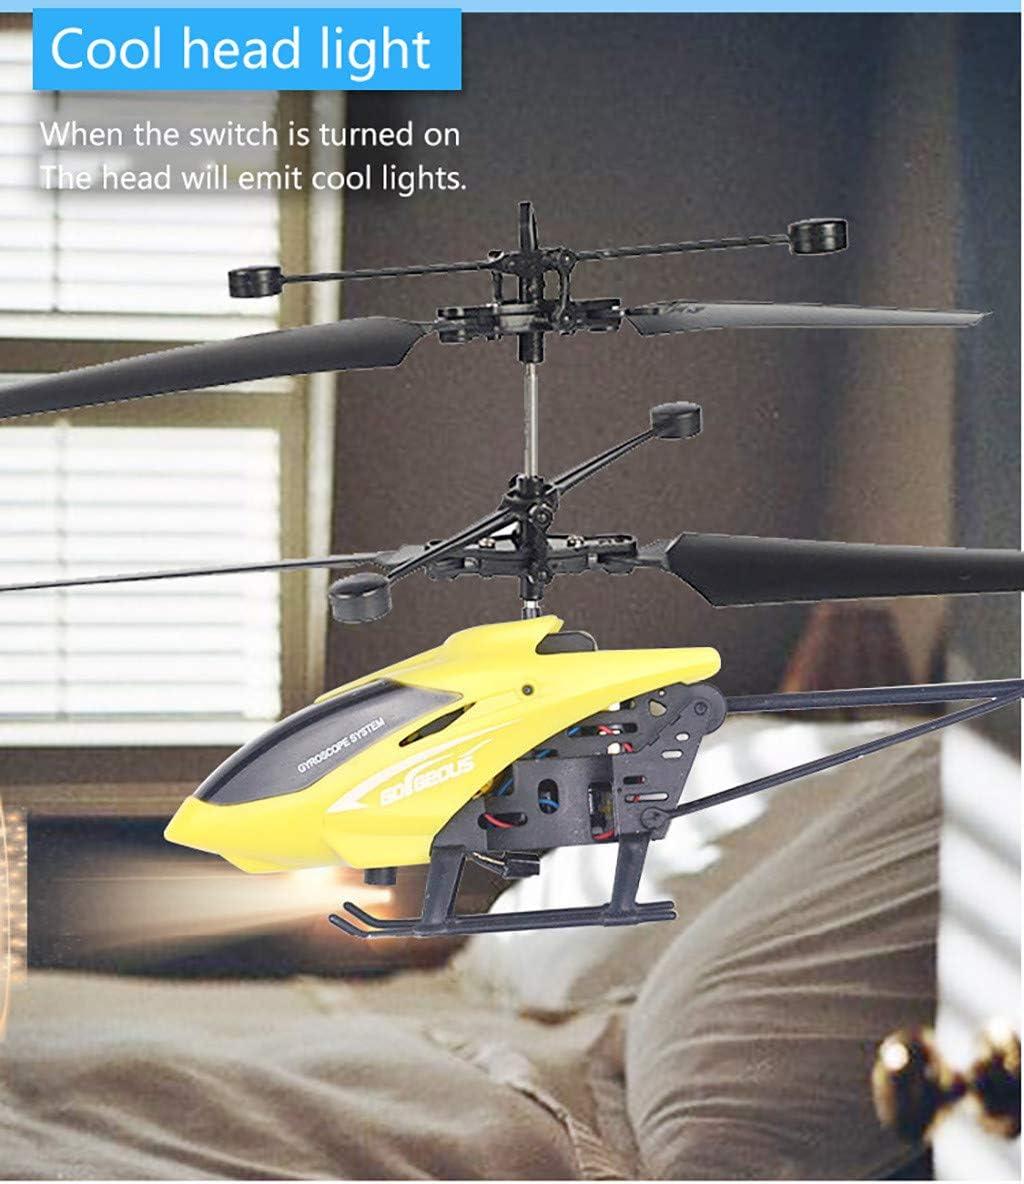 Bascar Infrarot Induktions Hubschrauber Mini RC Infrarot Flugzeuge Blinklicht Spielzeug Mini Helikopter Mehrfacher Schutz Drohne mit Blinkenden Kanal Flying Toy Blau